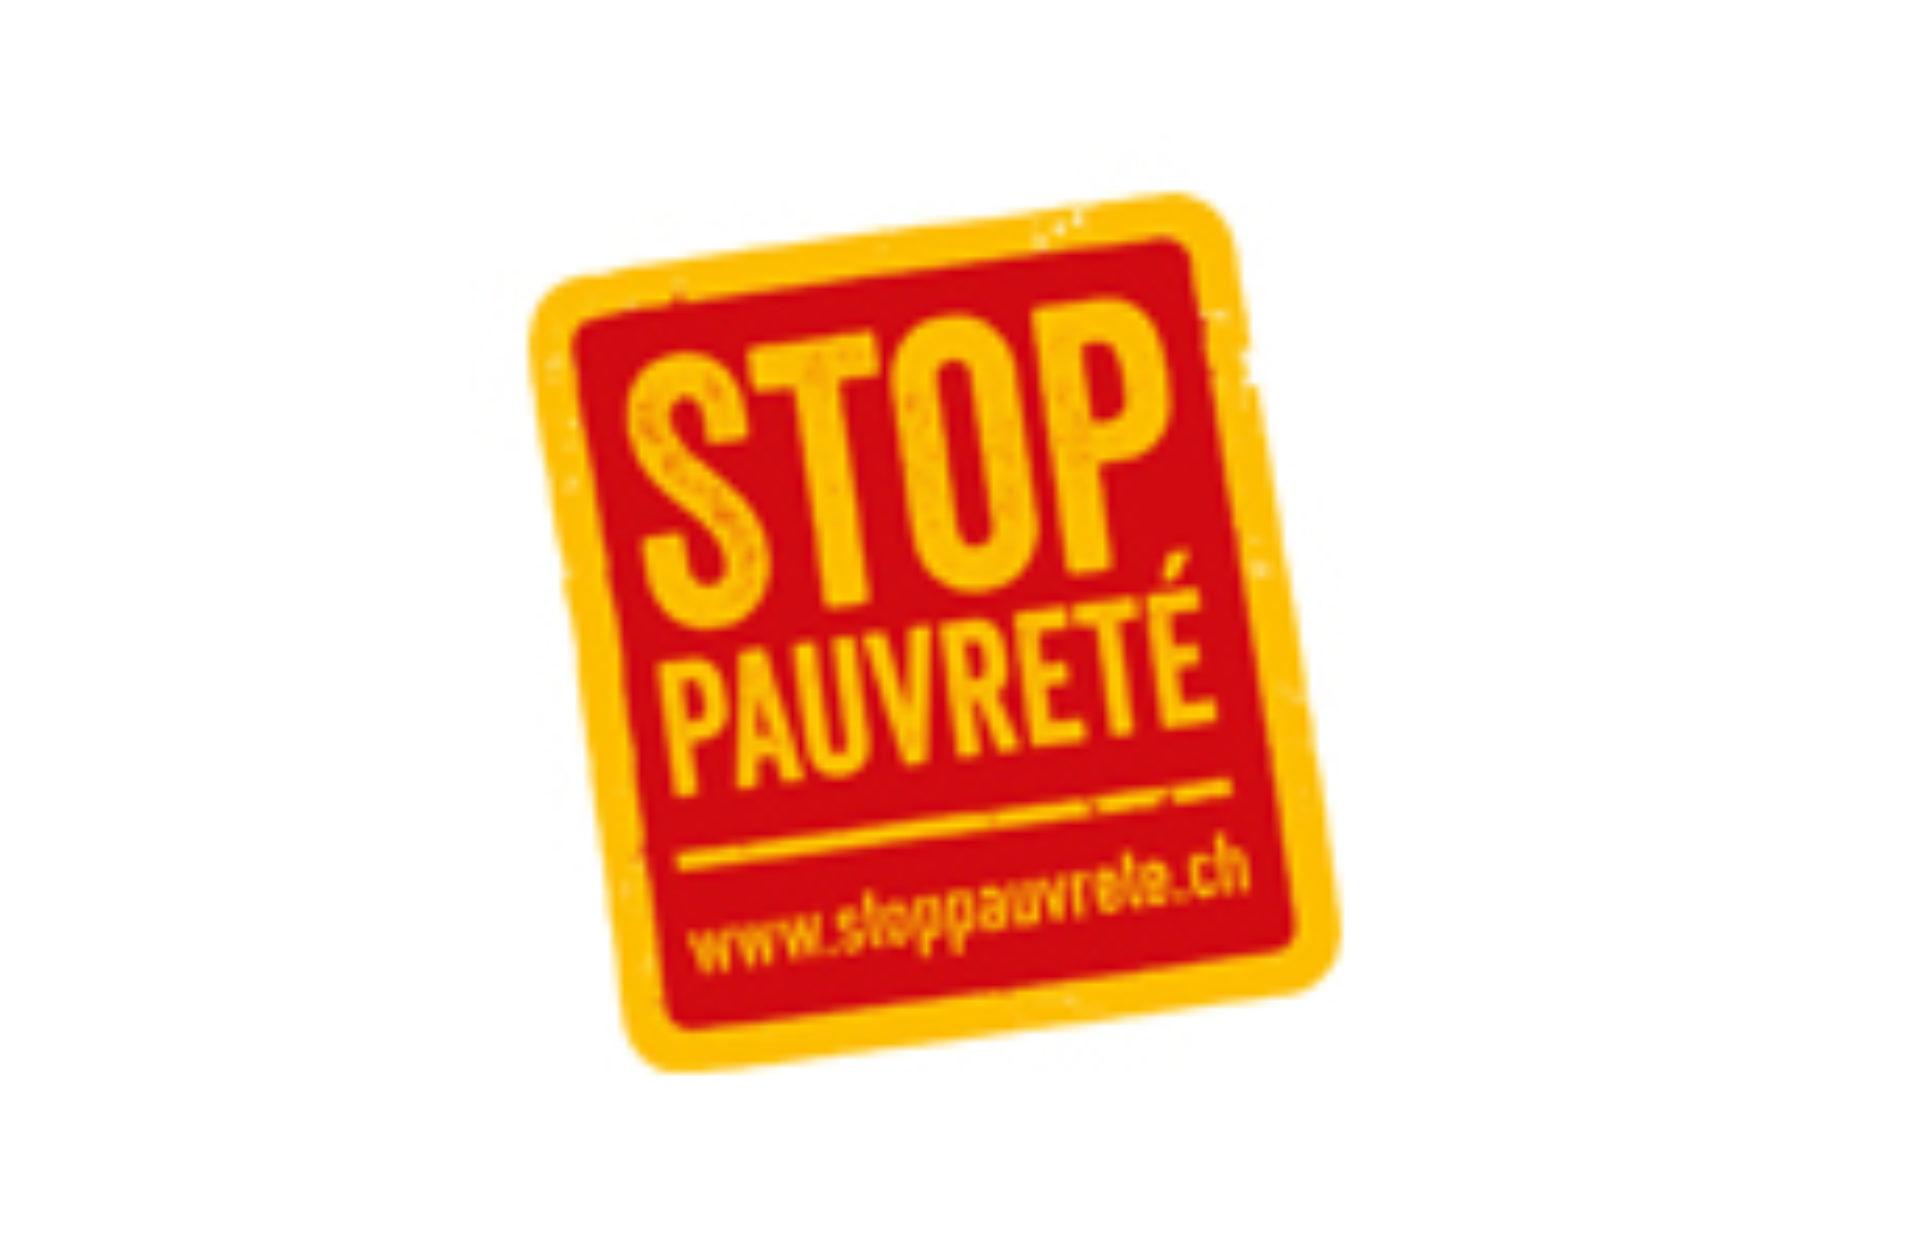 Stop Pauverté